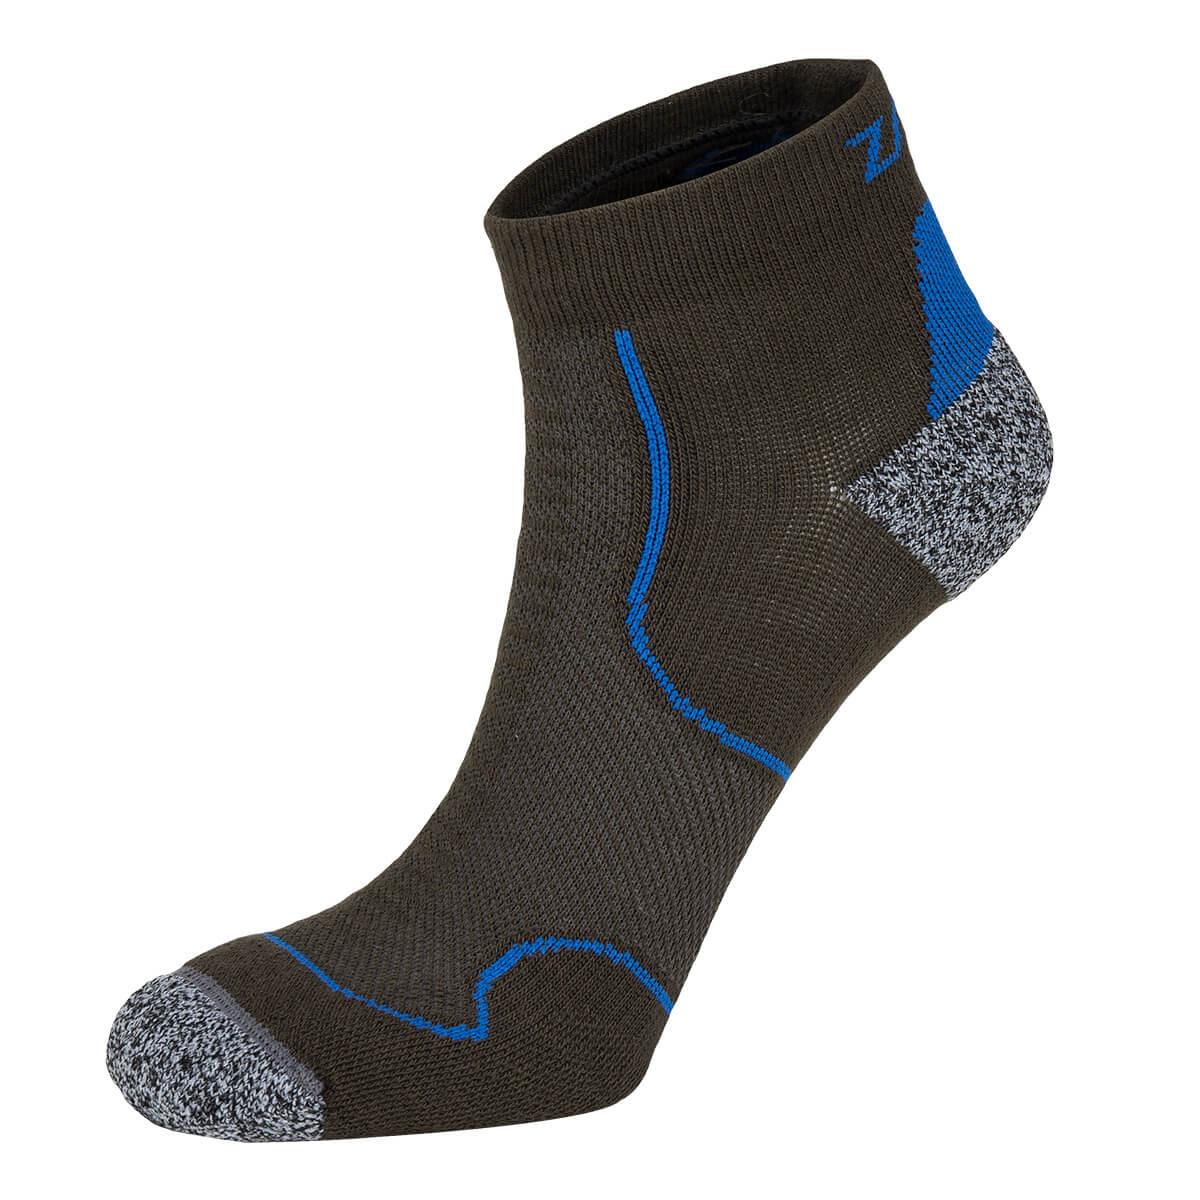 ZAJO Ponožky Litio Socks - veľkosť S